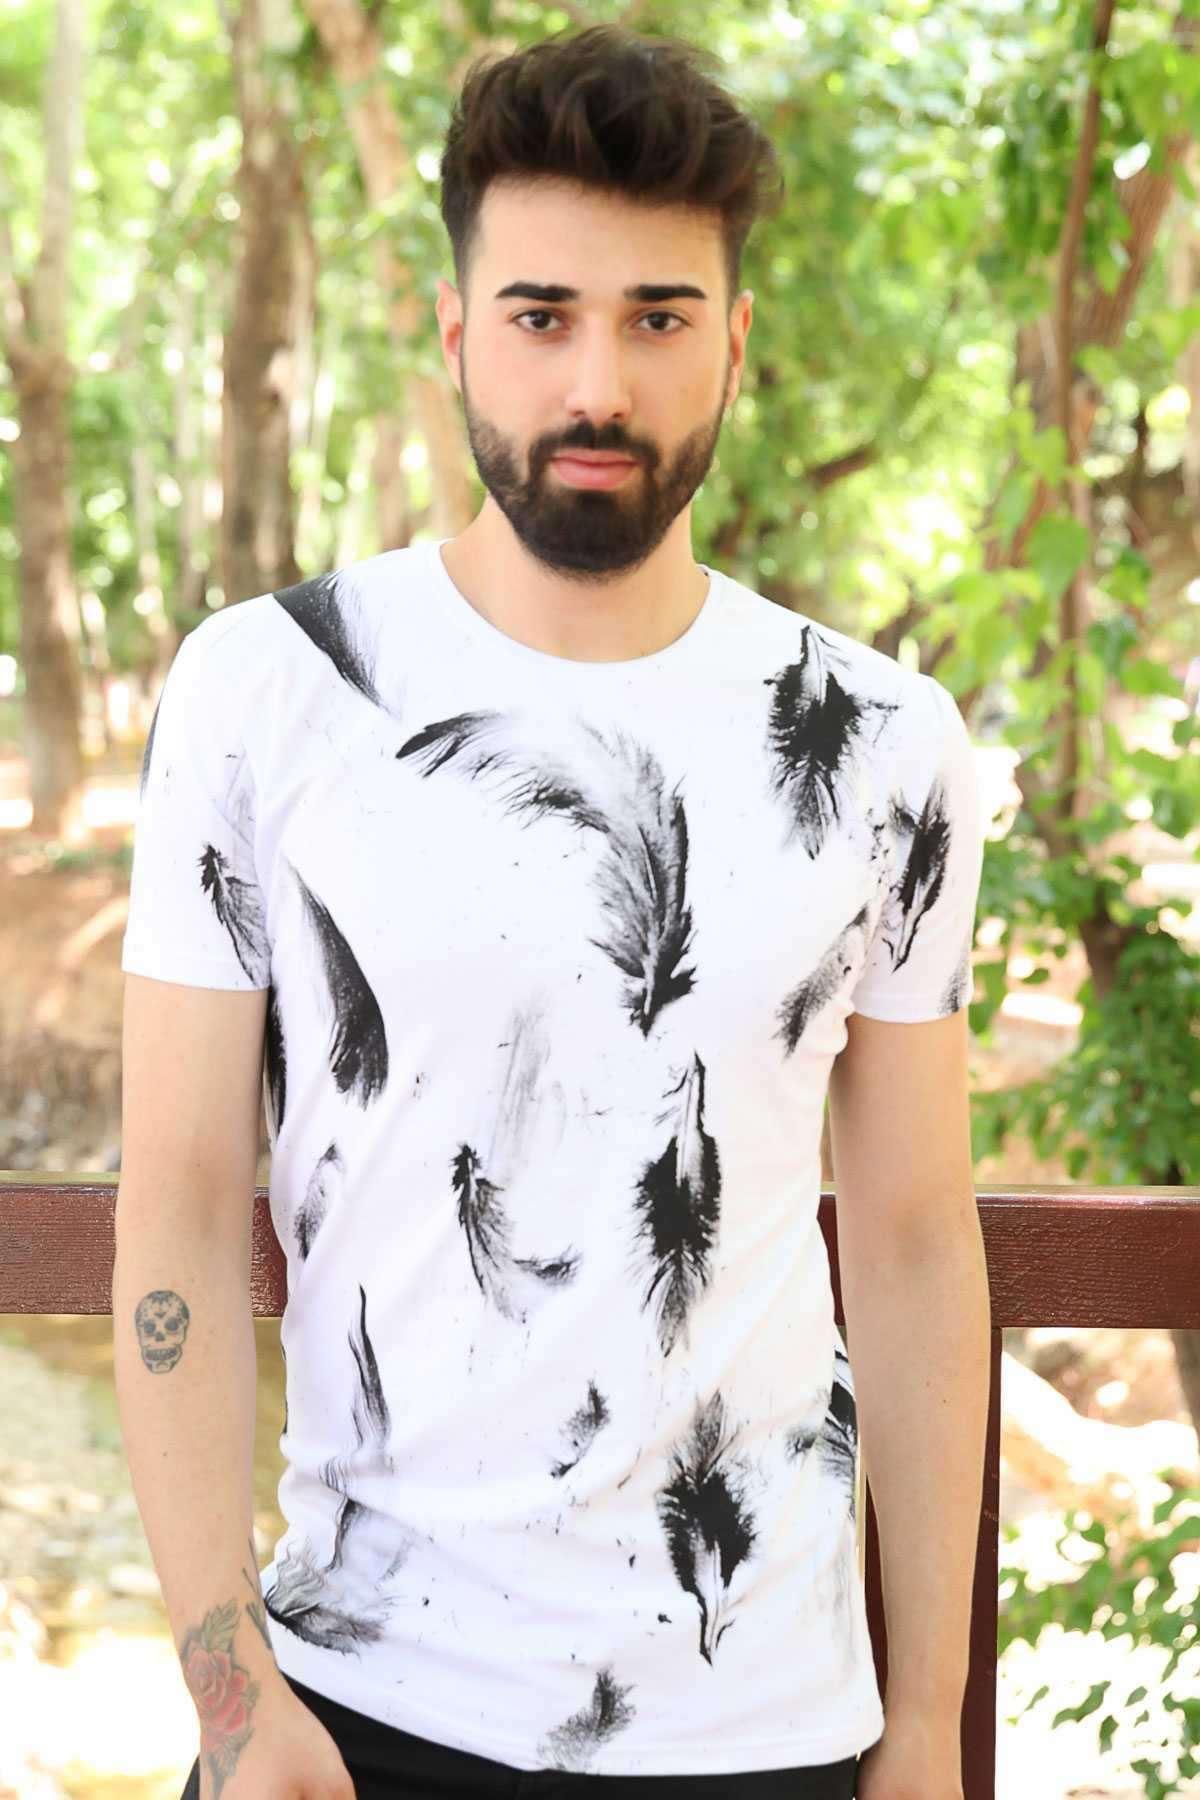 Tüy Baskılı Sıfır Yaka Slim Fit Tişört Beyaz